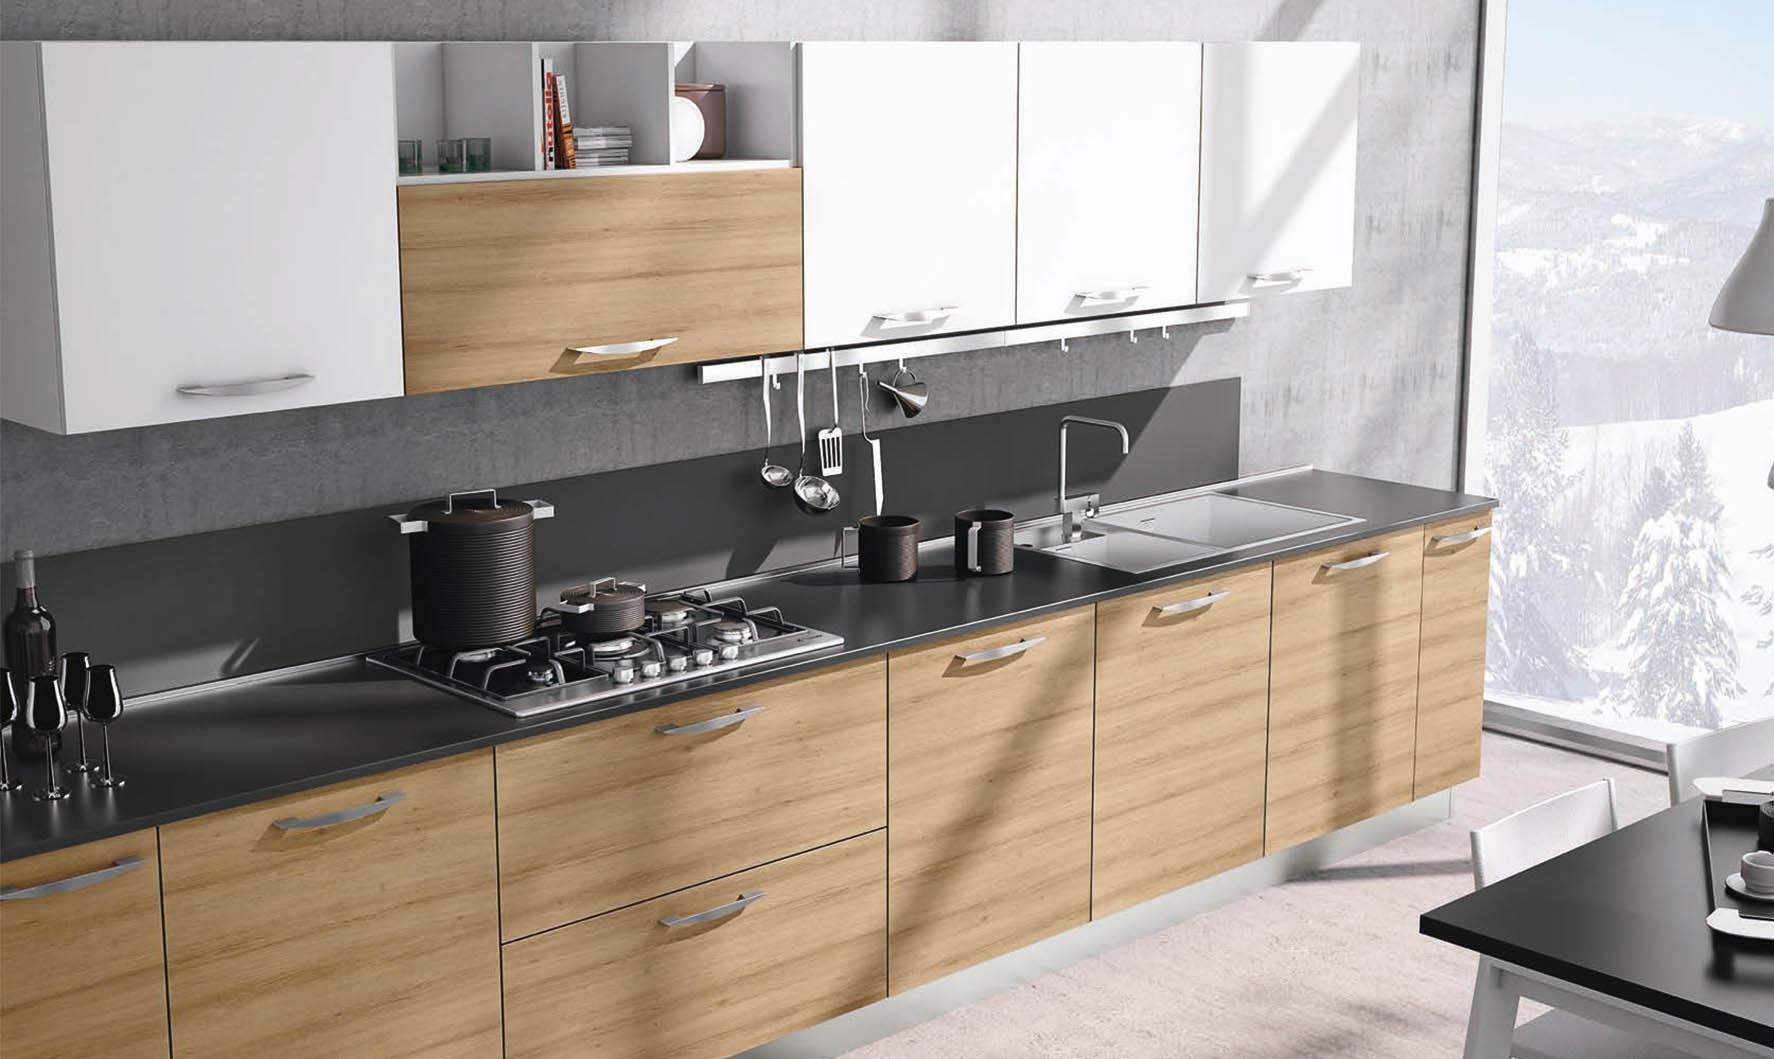 Cucine Moderne Con Ante Scorrevoli.Anta Scorrevole Basculante A Vasistas Quale Sistema Di Apertura